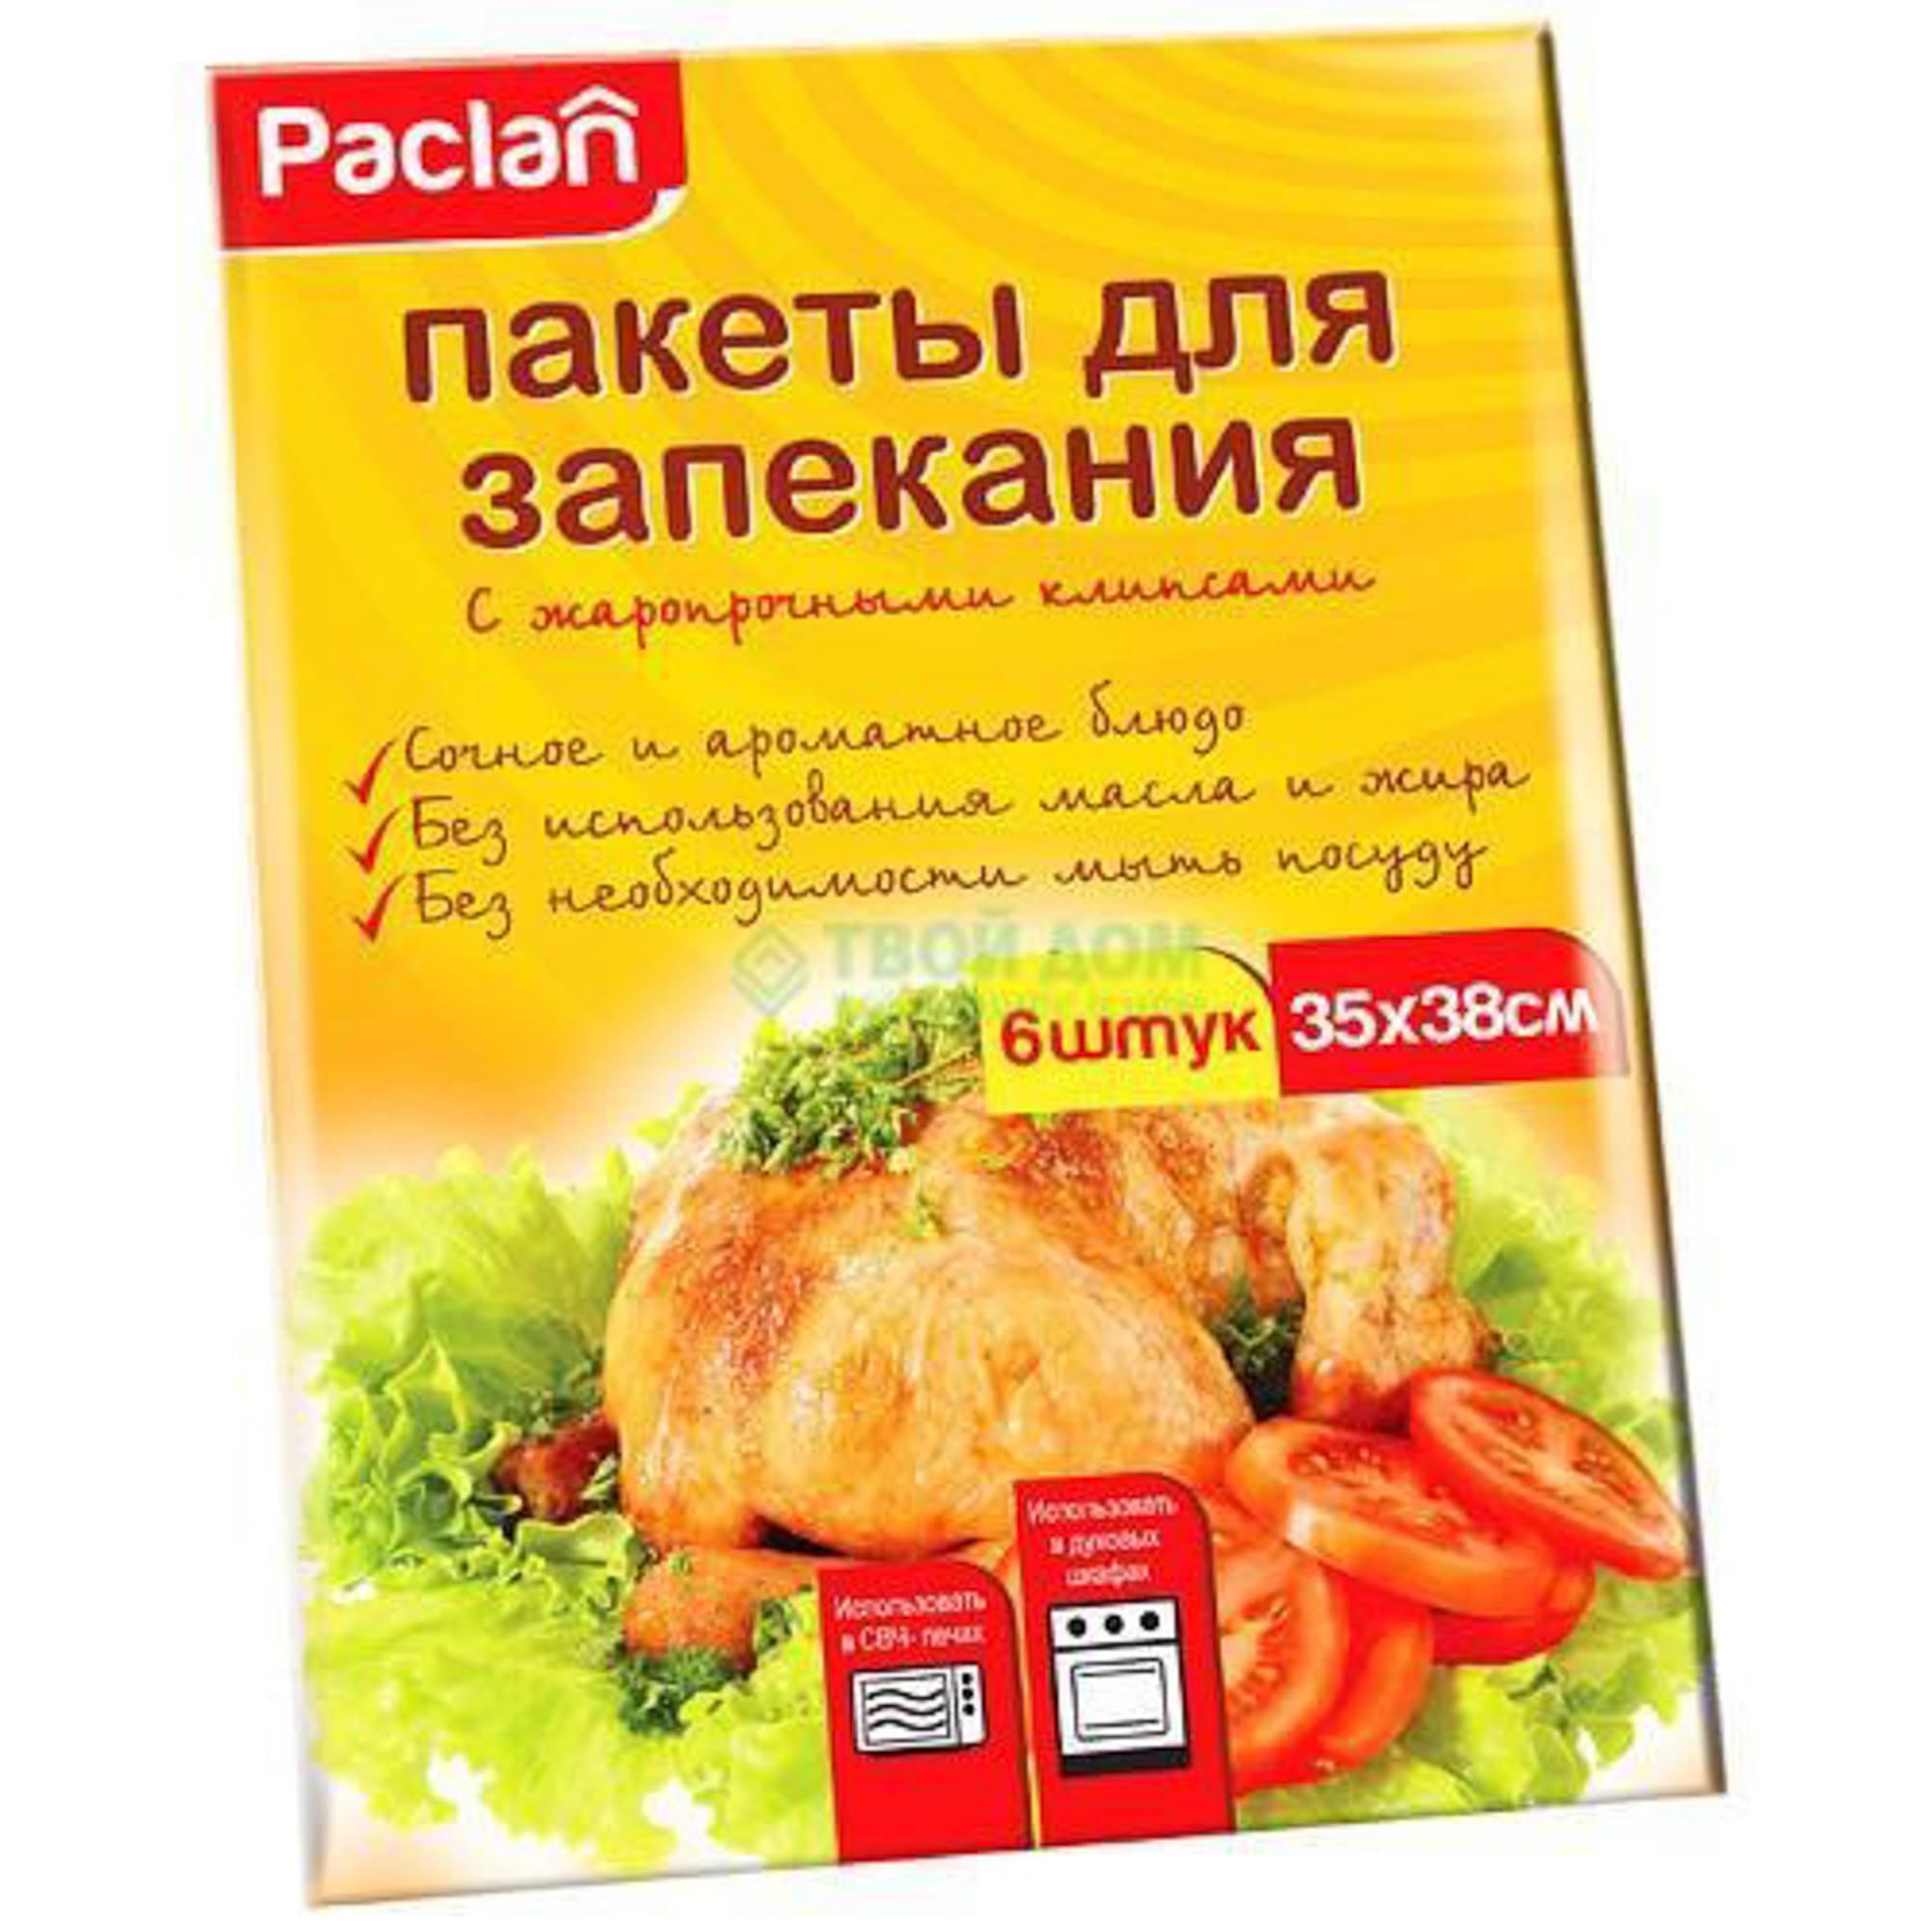 Пакеты для запекания 6 шт. 35 х 38см Paclan.